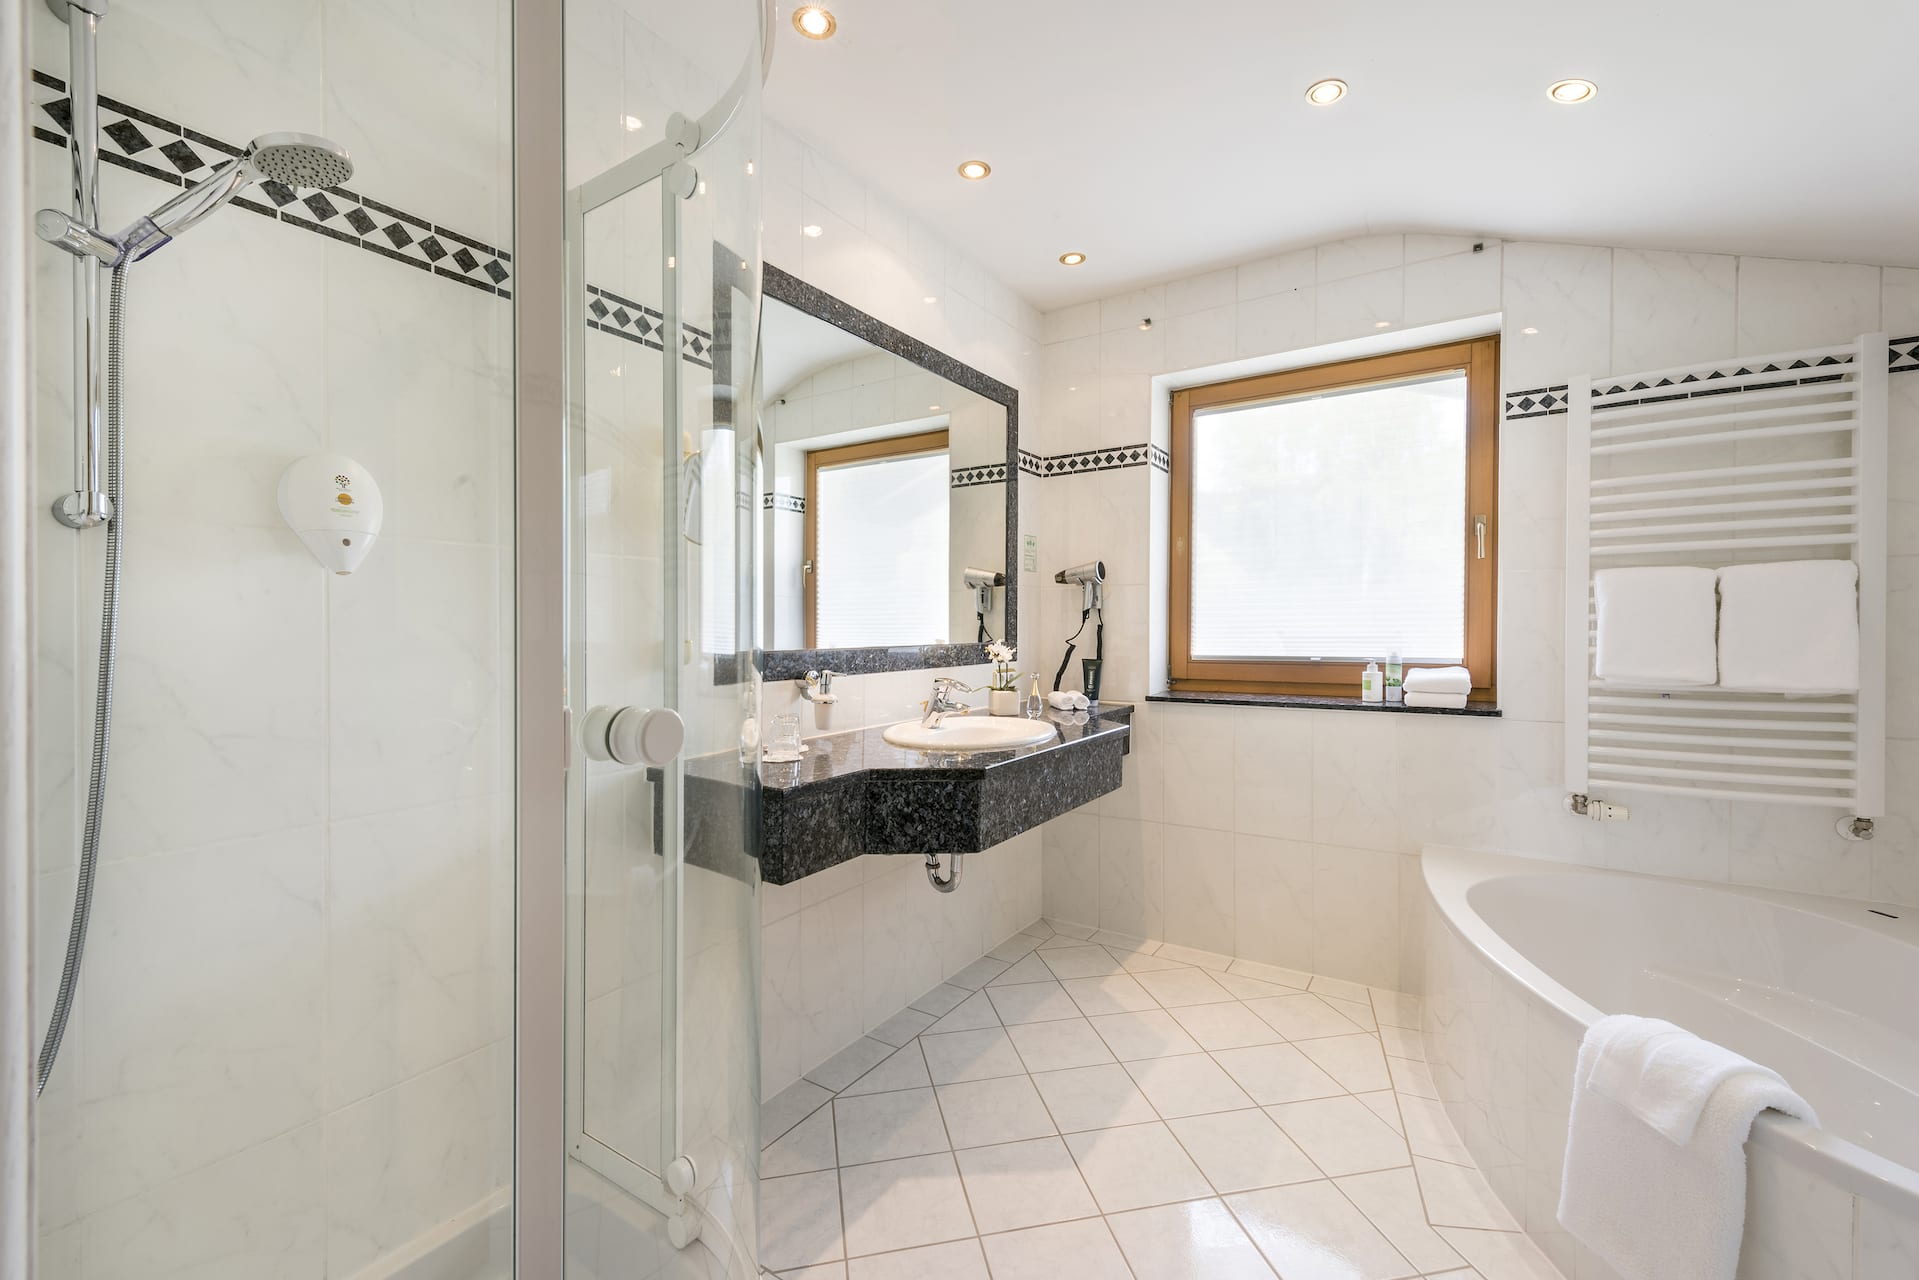 Großes Wohnzimmer, Separates Schlafzimmer, Badezimmer Mit Dusche Und  Badewanne, Separates WC, Nord  Und Ostbalkon